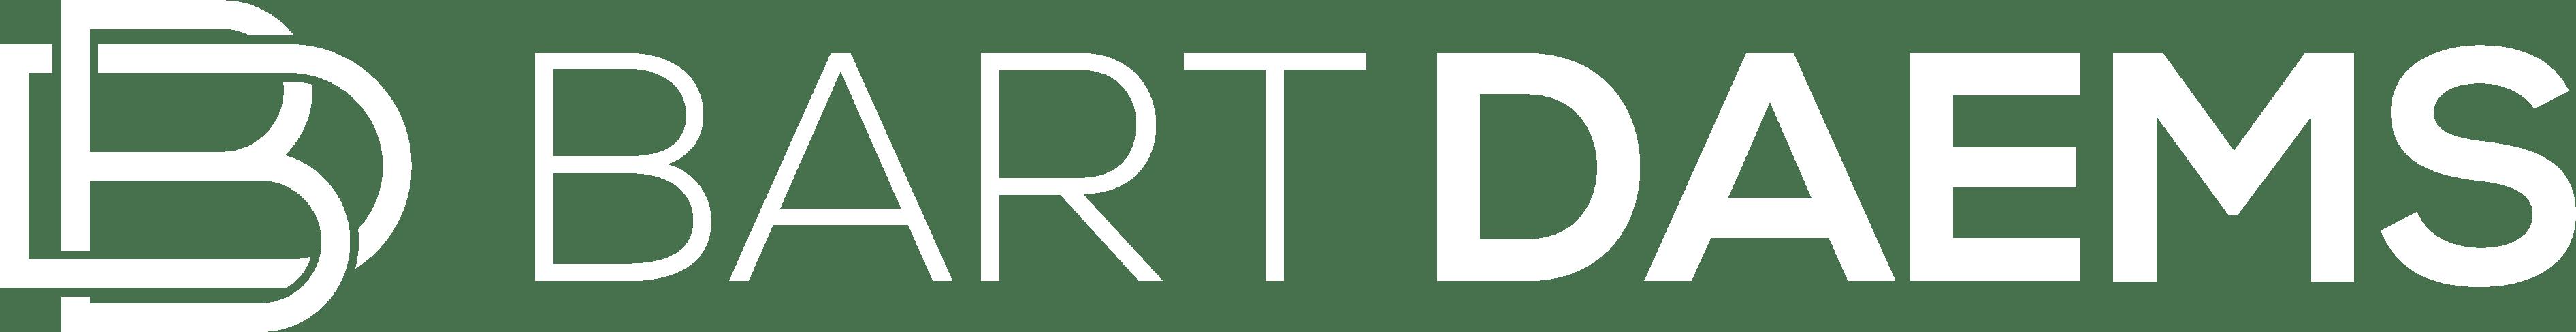 Bart Daems ondernemerscoach logo